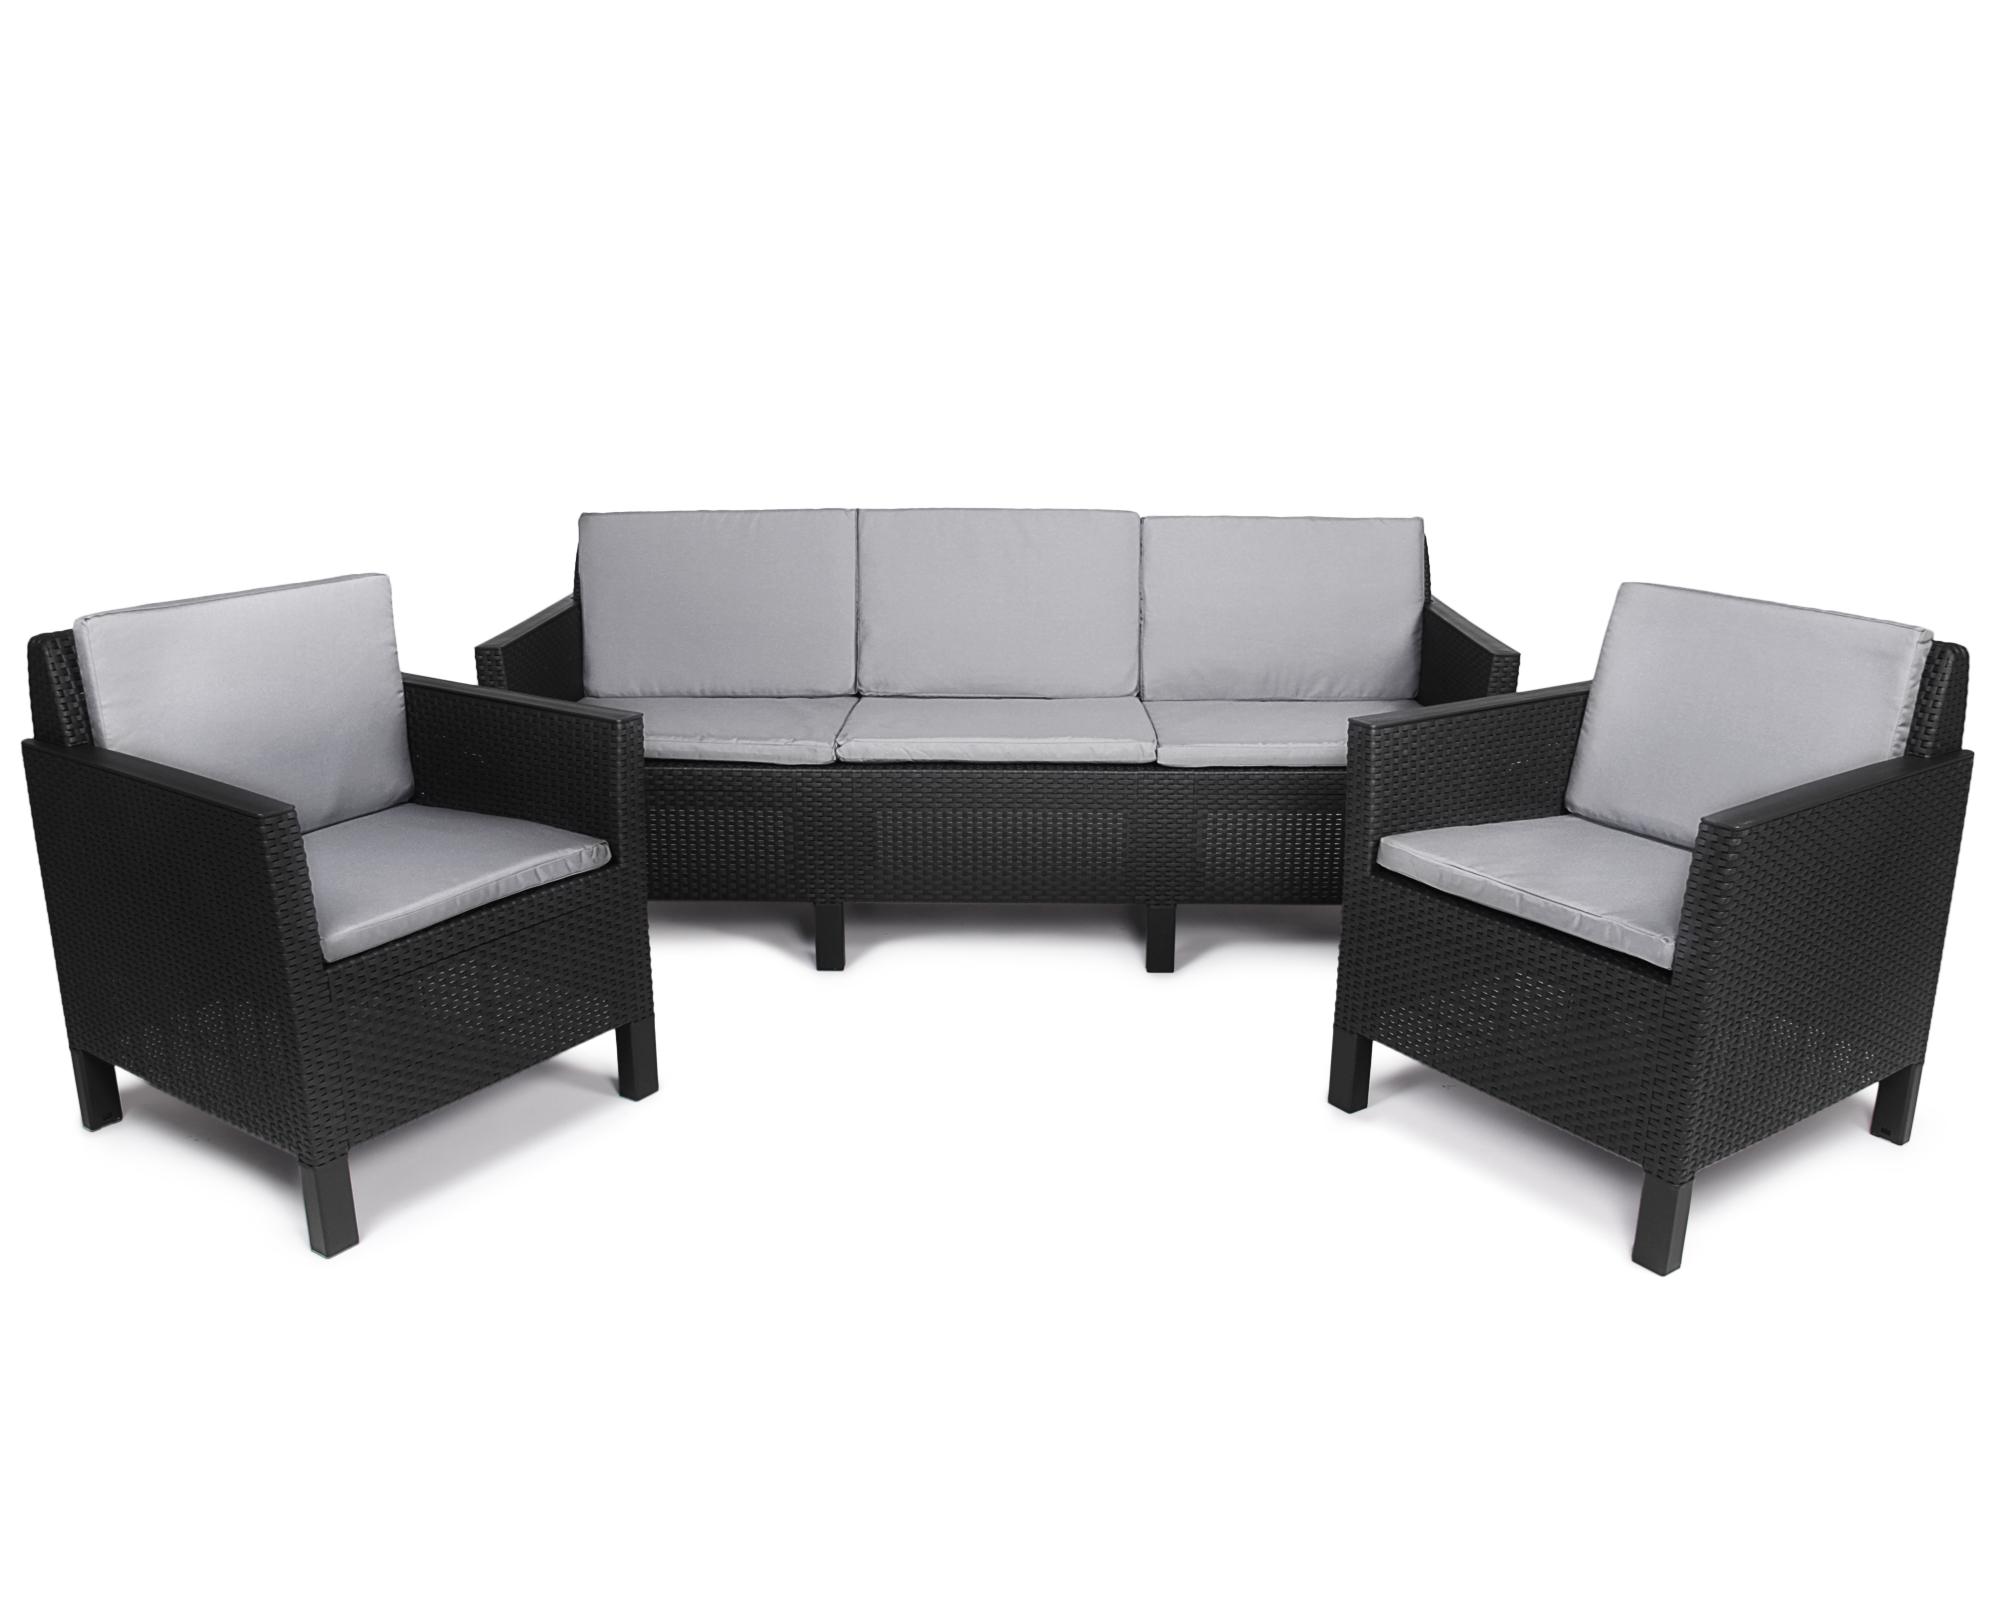 Full Size of Ondis24 Chicago Lounge Set 5 Sitze Mit Sofa Gnstig Online Kaufen Verstellbarer Sitztiefe Regal Nach Maß Günstig 3 2 1 Sitzer Kissen Schlaffunktion Halbrund Sofa Günstig Sofa Kaufen